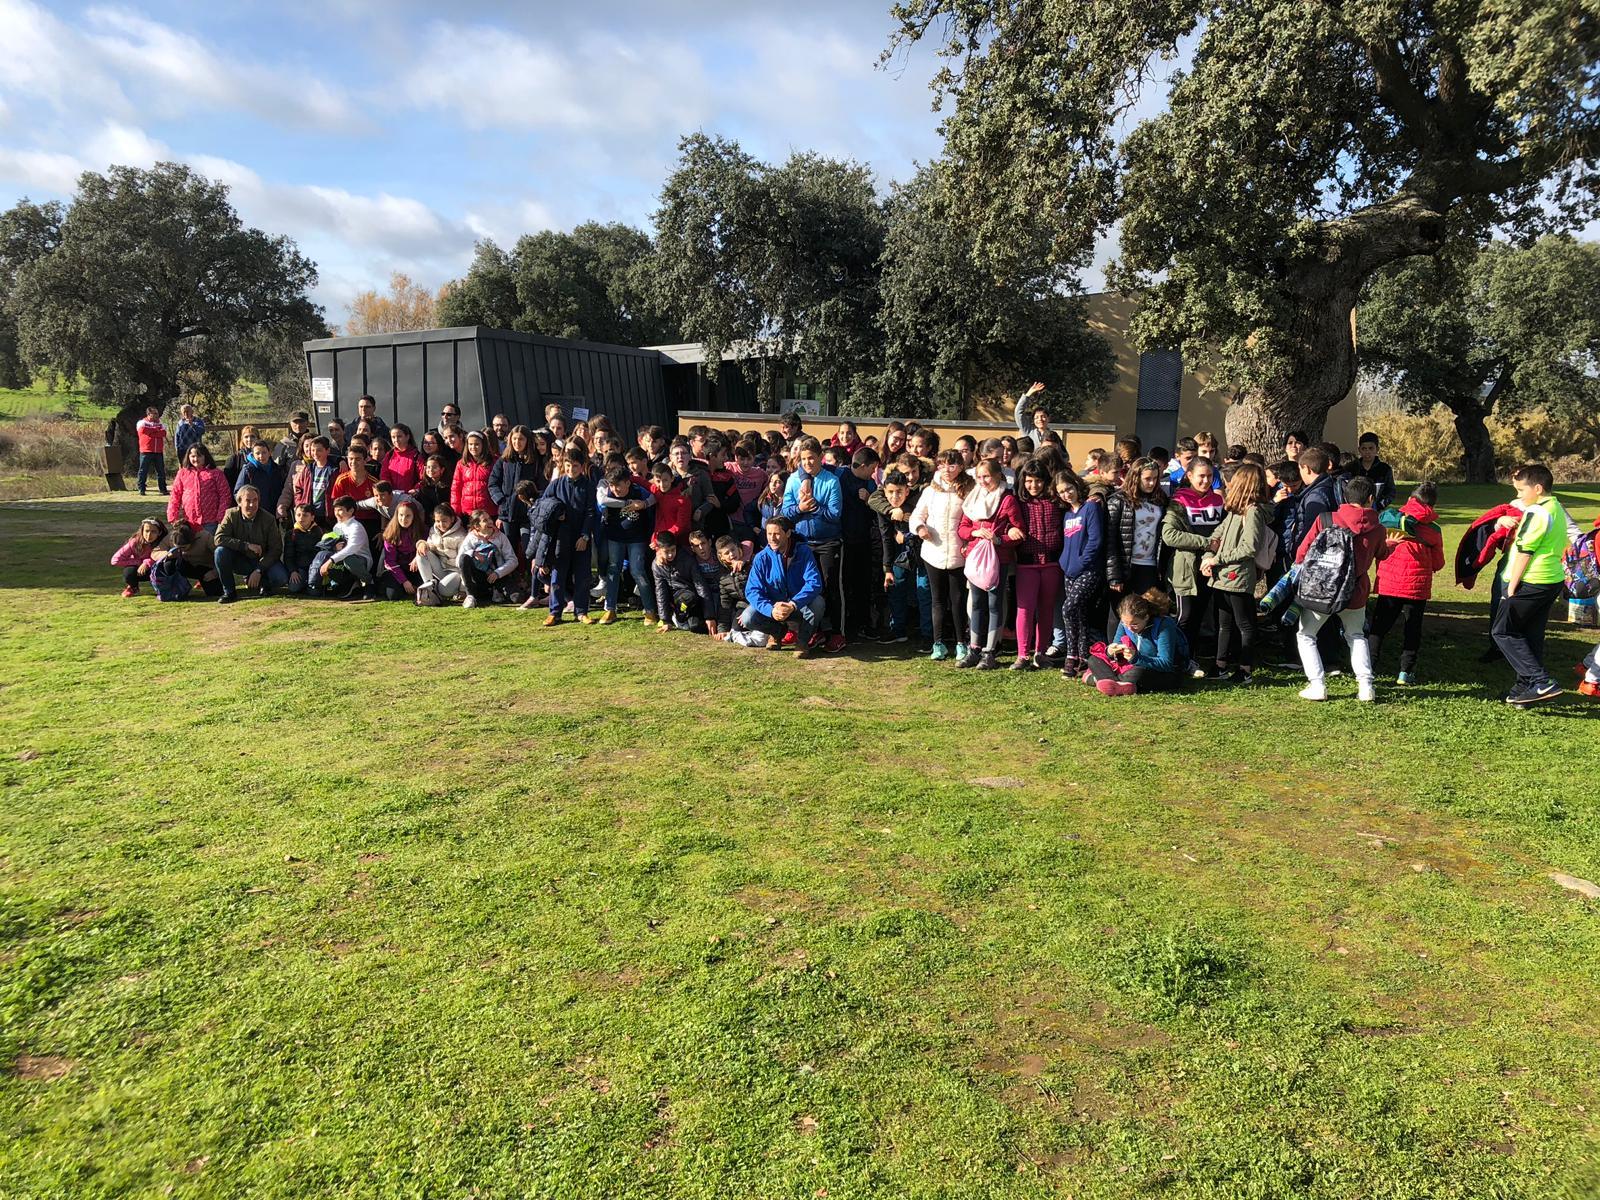 Cancho Roano acogió las Jornadas Europeas de Patrimonio con 240 escolares de la comarca